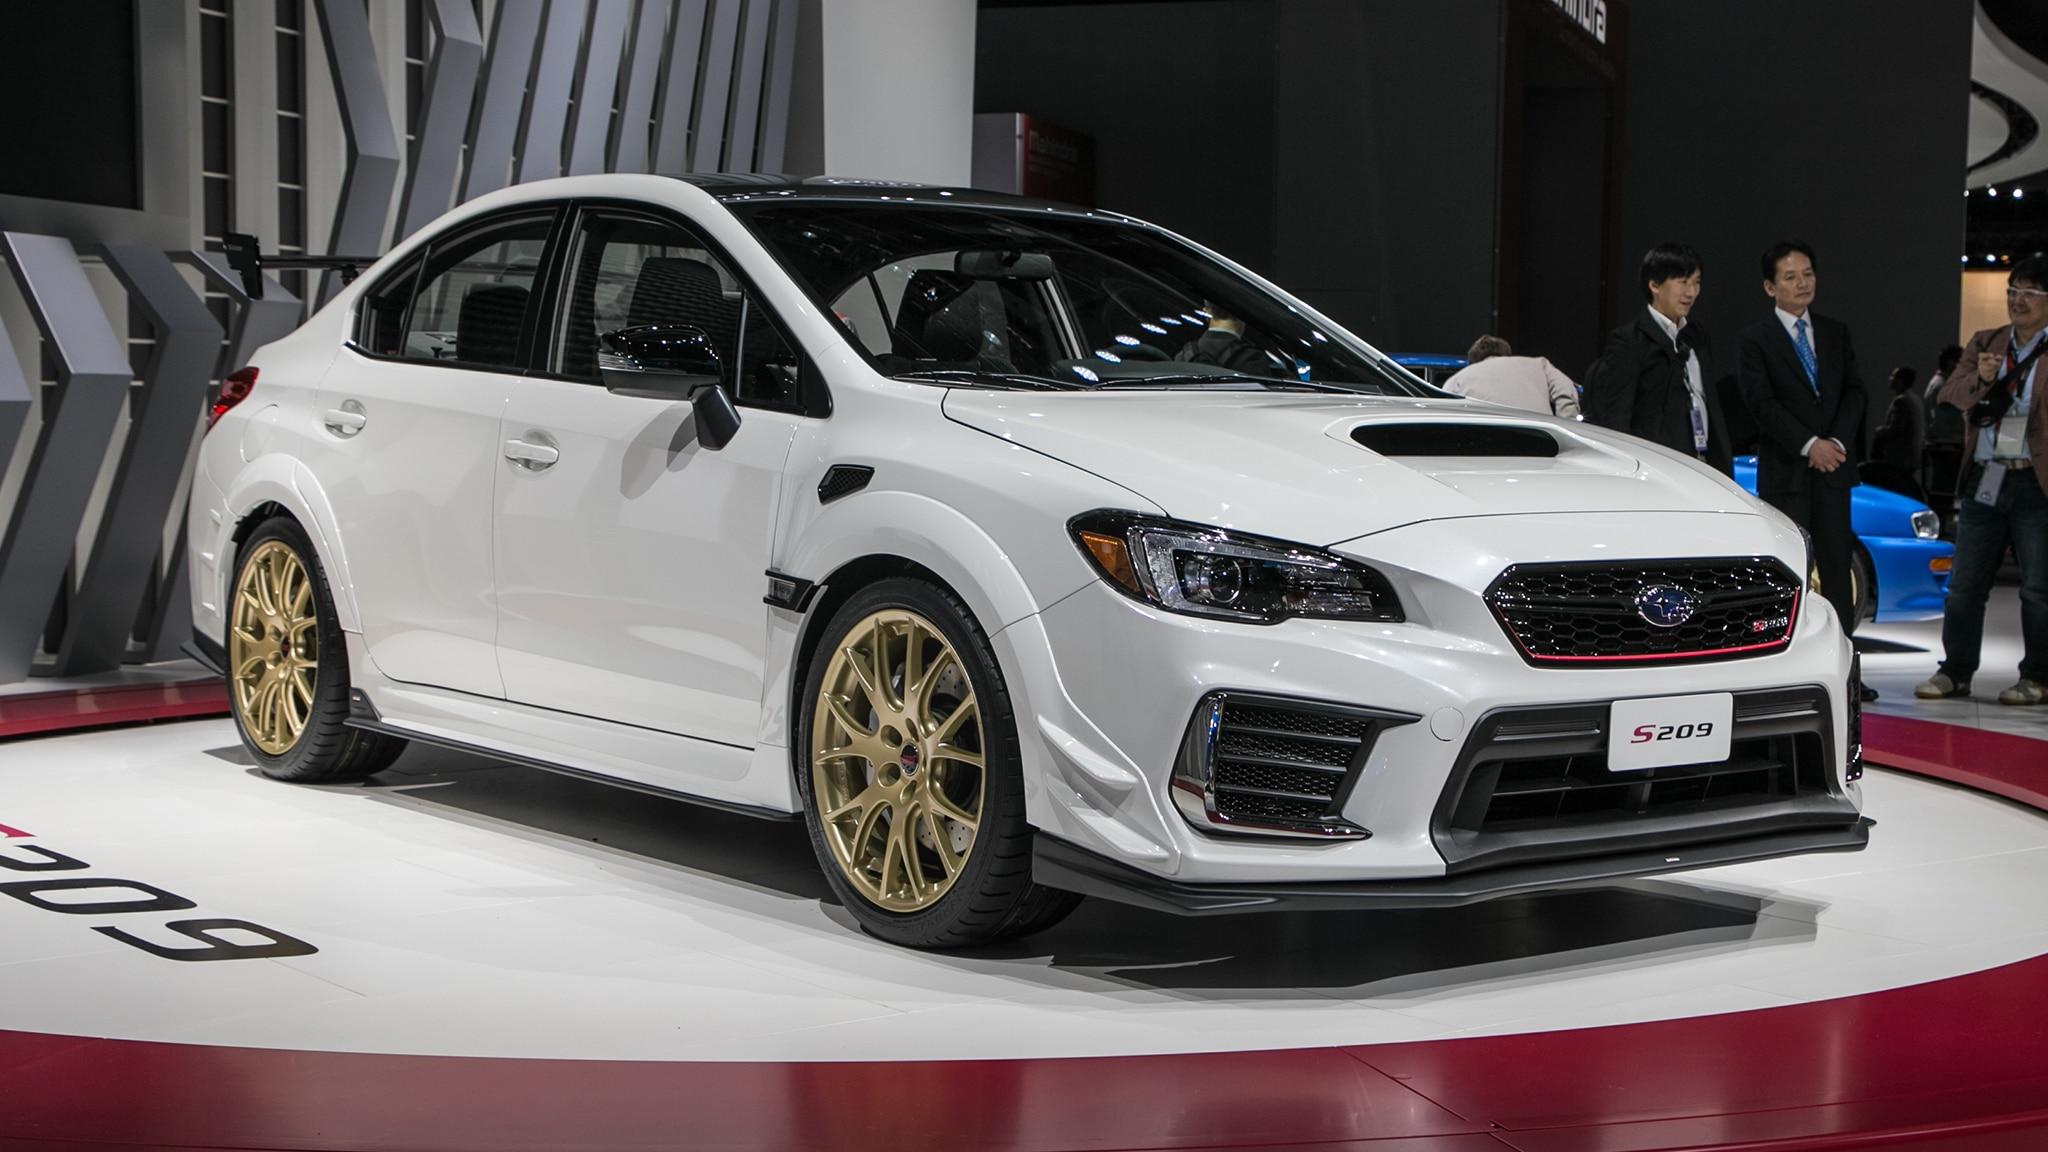 2019 Subaru Wrx Sti S209 341 Hp Exclusive To America Automobile